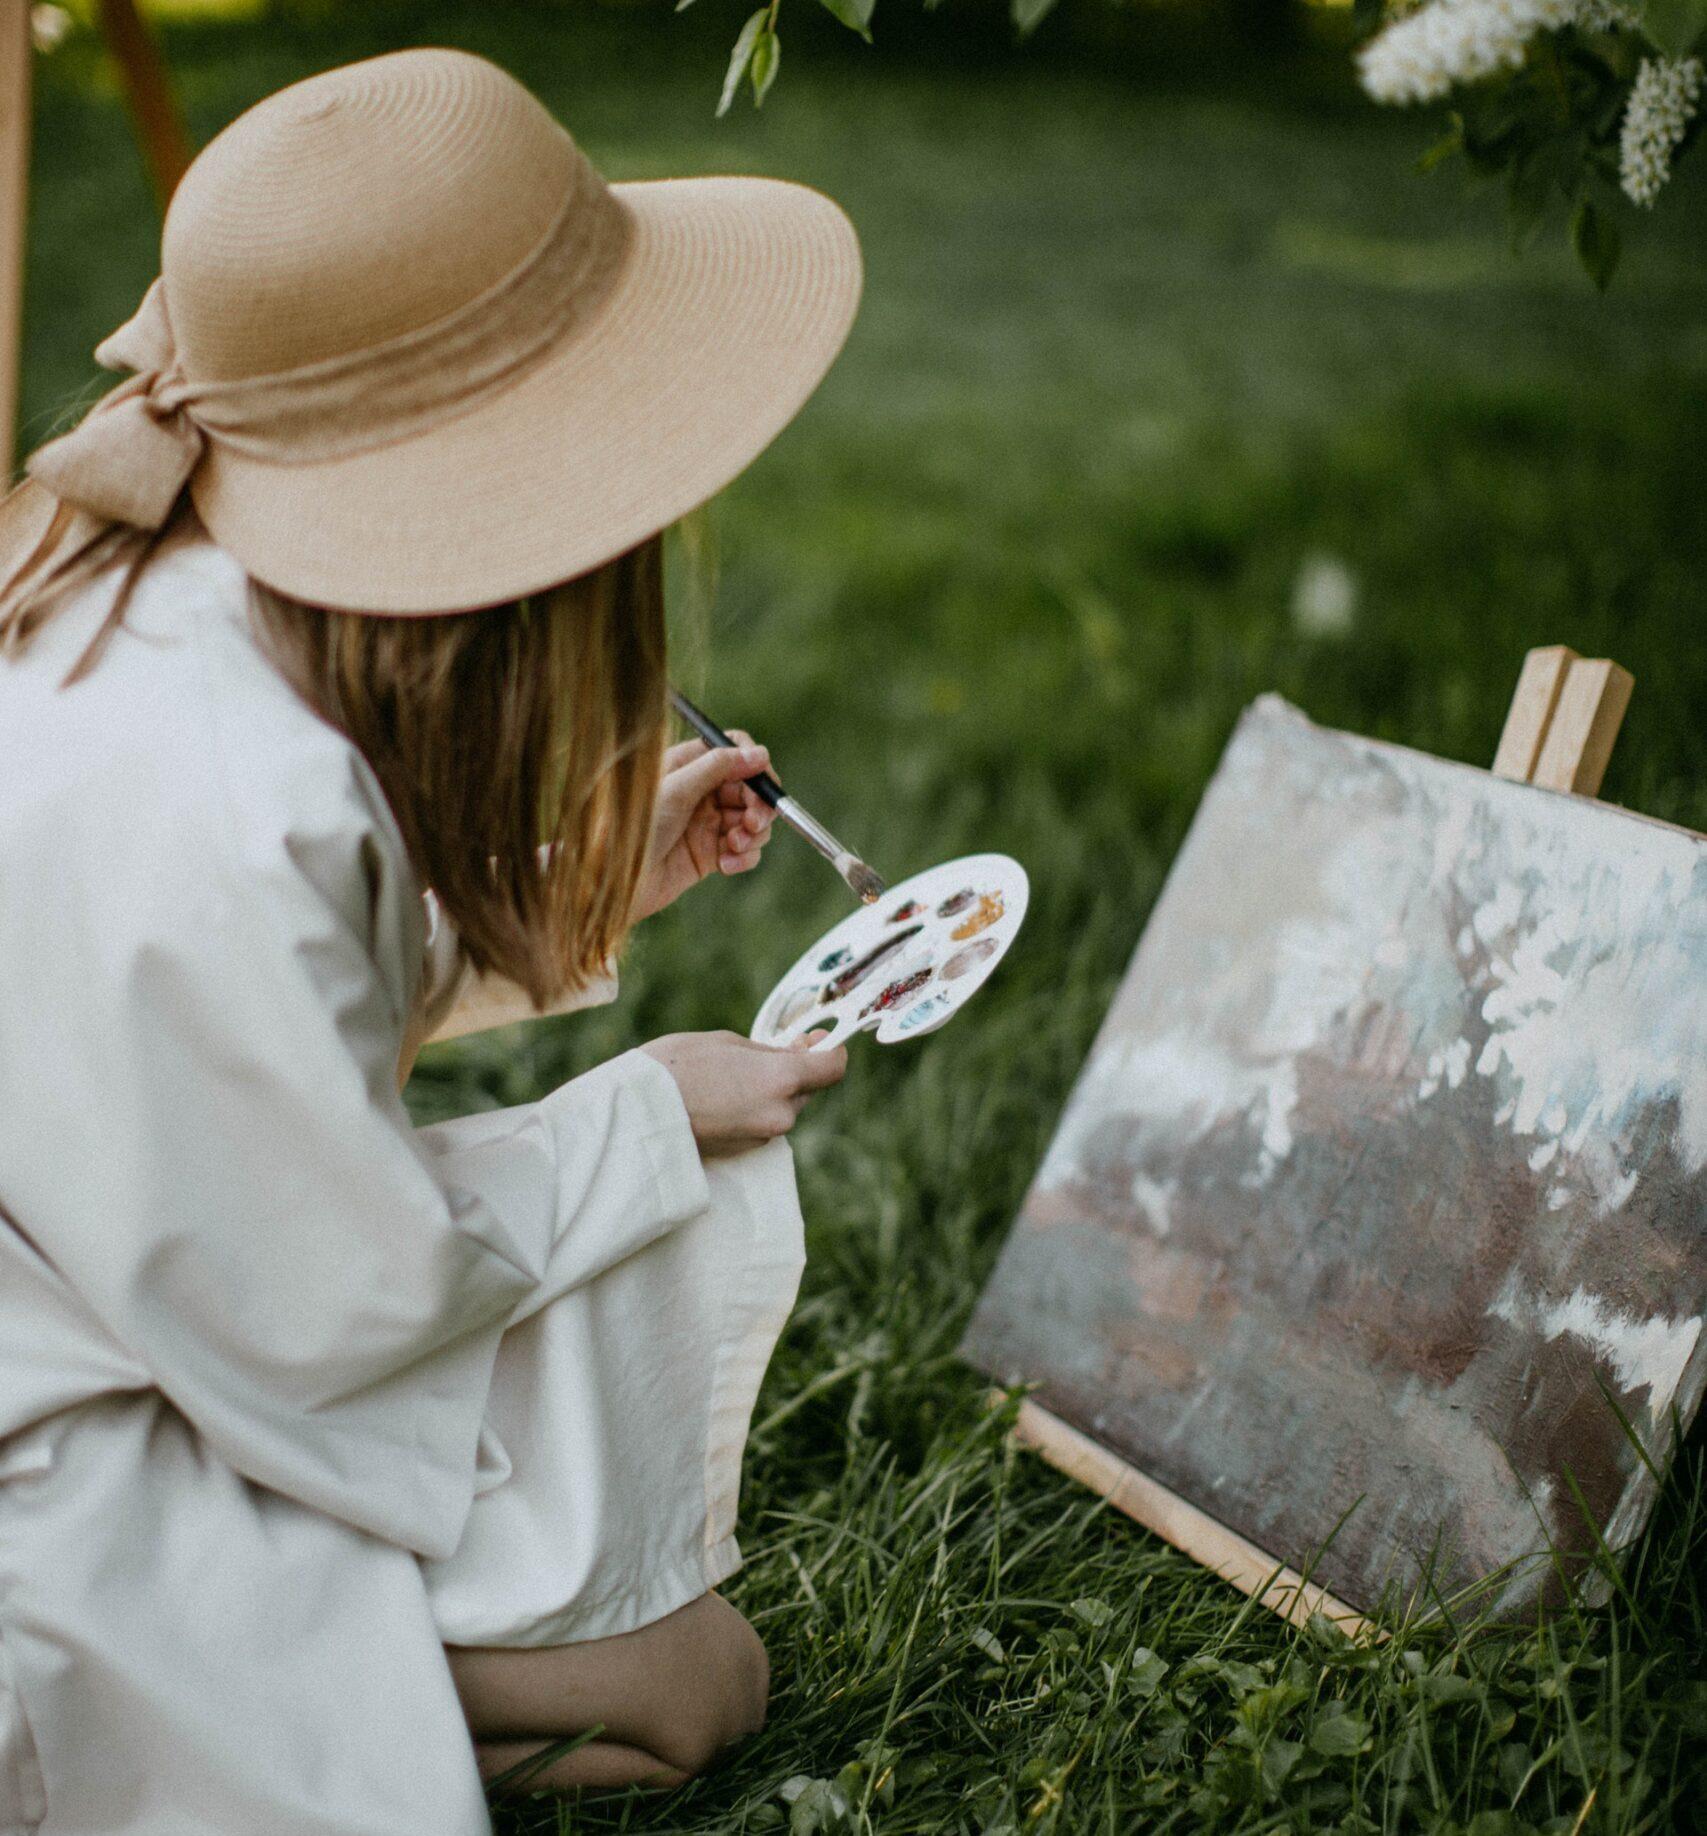 Kobieta w kapelusz ze słomy, maluje w plenerze na trawie ma ustawioną sztalugę i płótno, w dłoniach trzyma pędzel i paletkę z farbami.